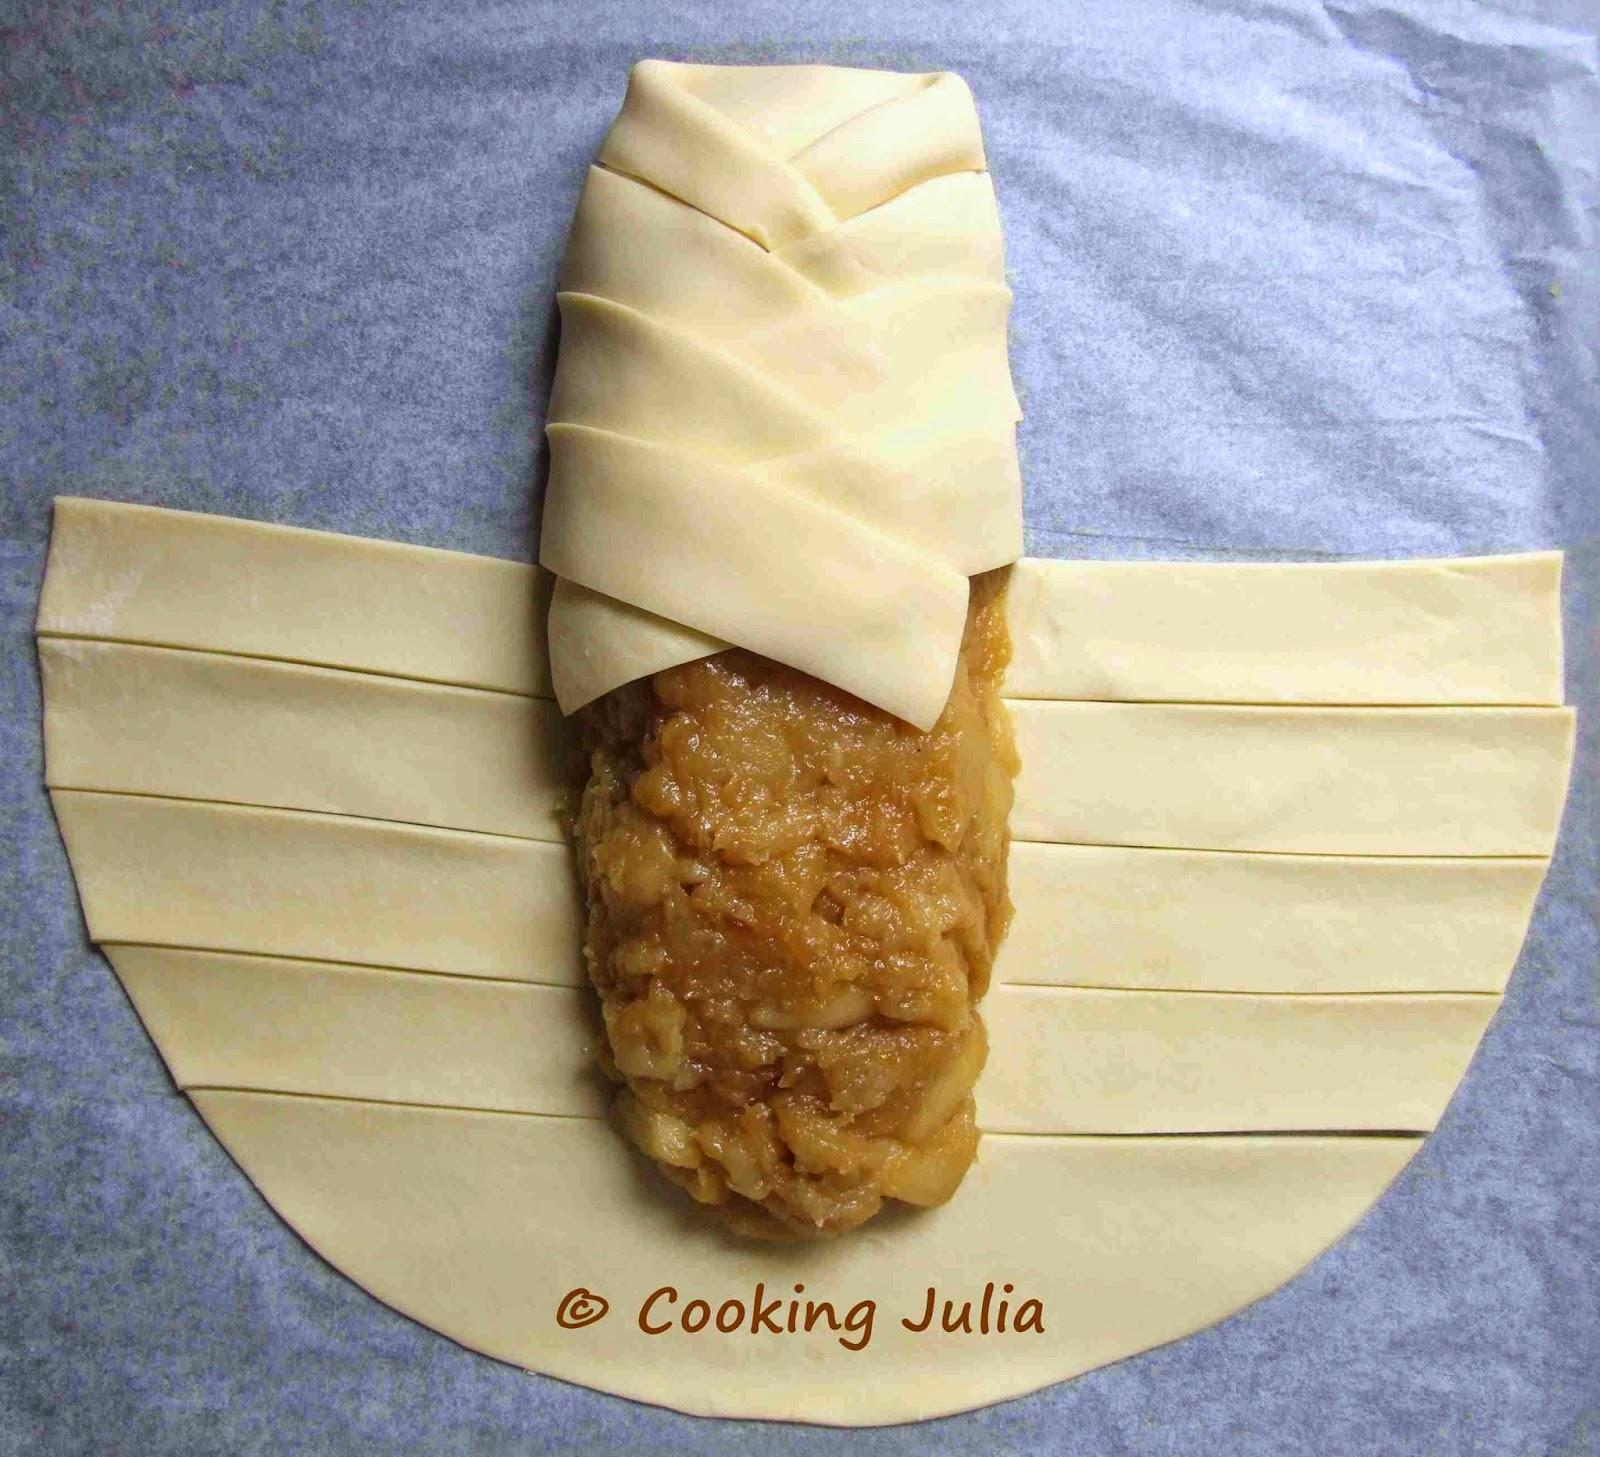 Superbe COOKING JULIA : FEUILLETÉ TRESSÉ AUX POMMES @HE_94